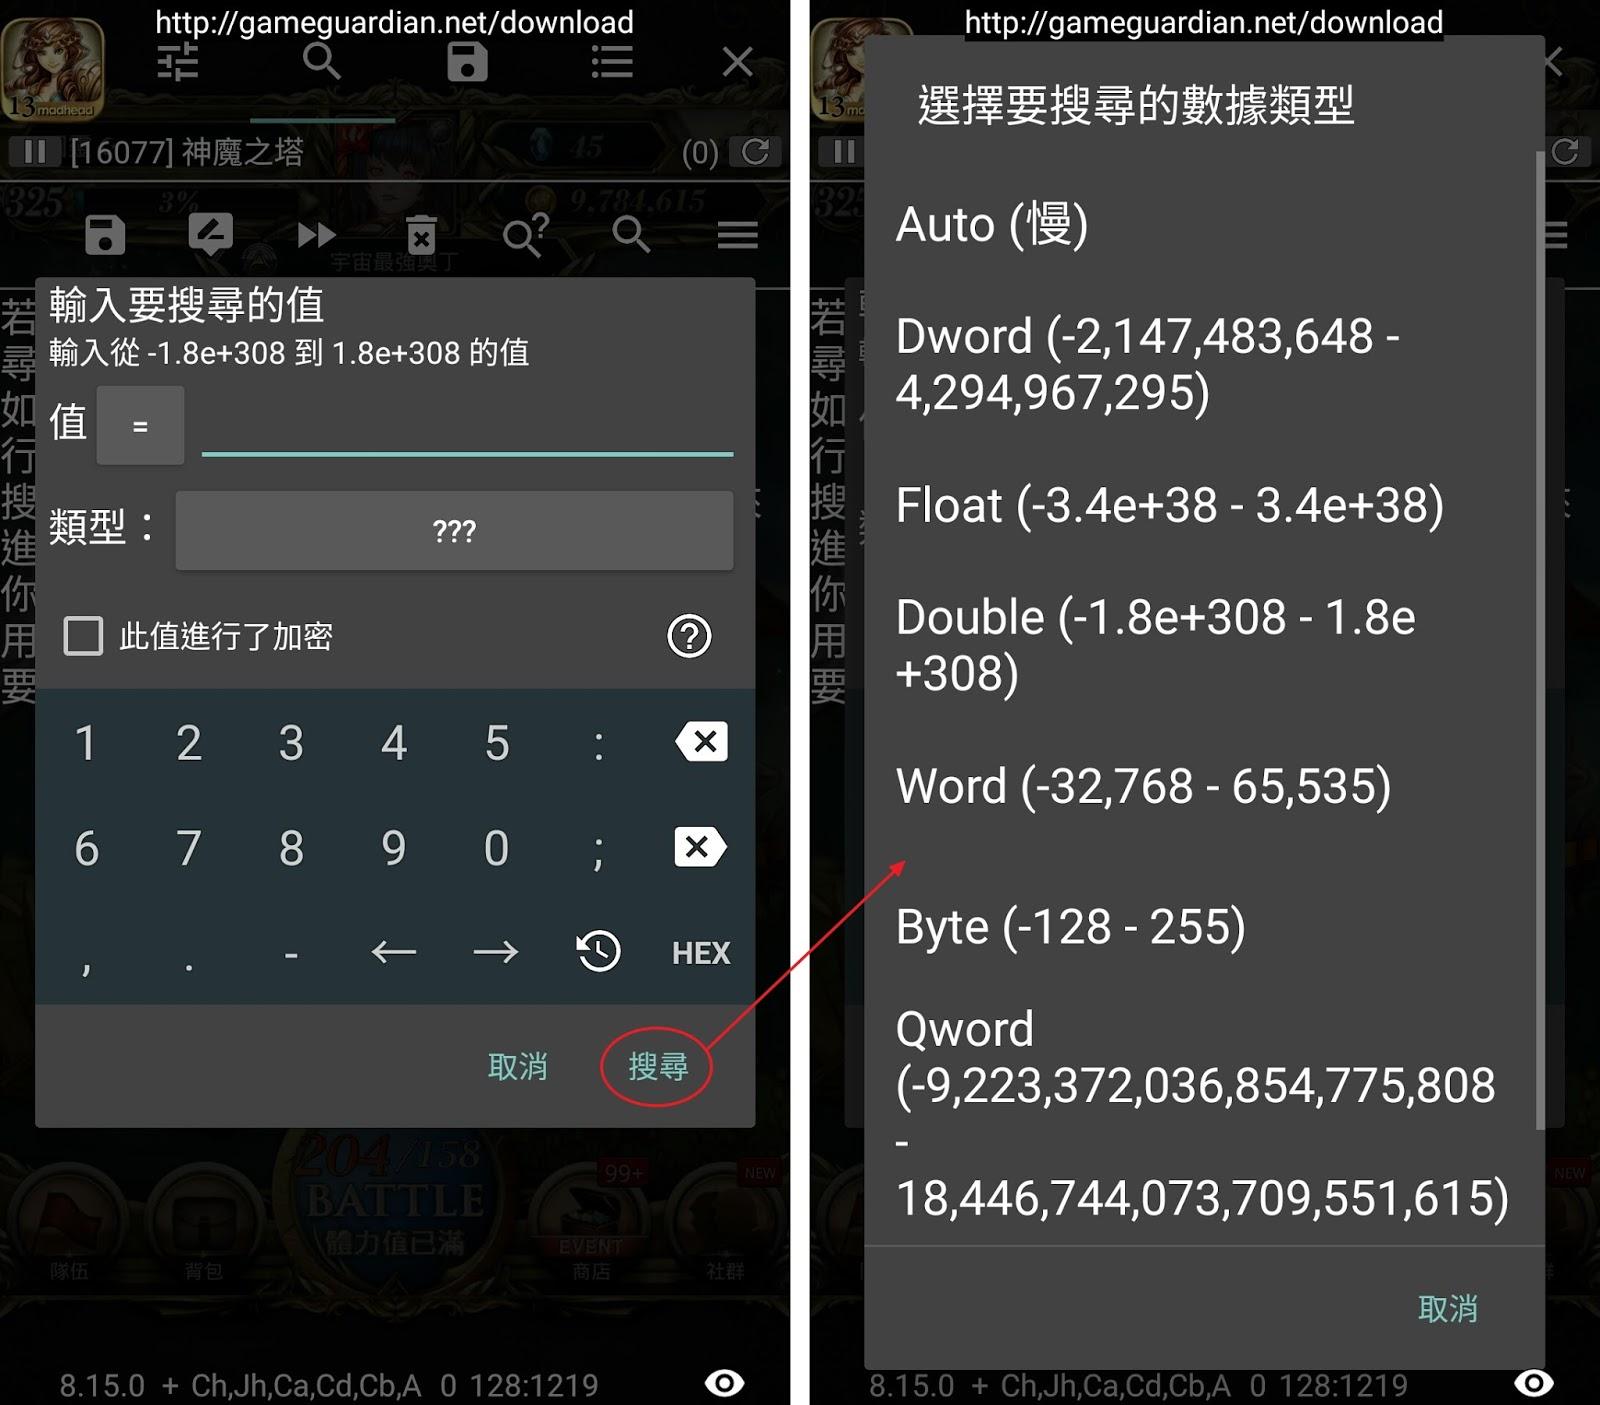 Screenshot 20170505 181328 - 《GameGuardian》最新手遊作弊修改器,還可當加速器、支援安卓6.0以上